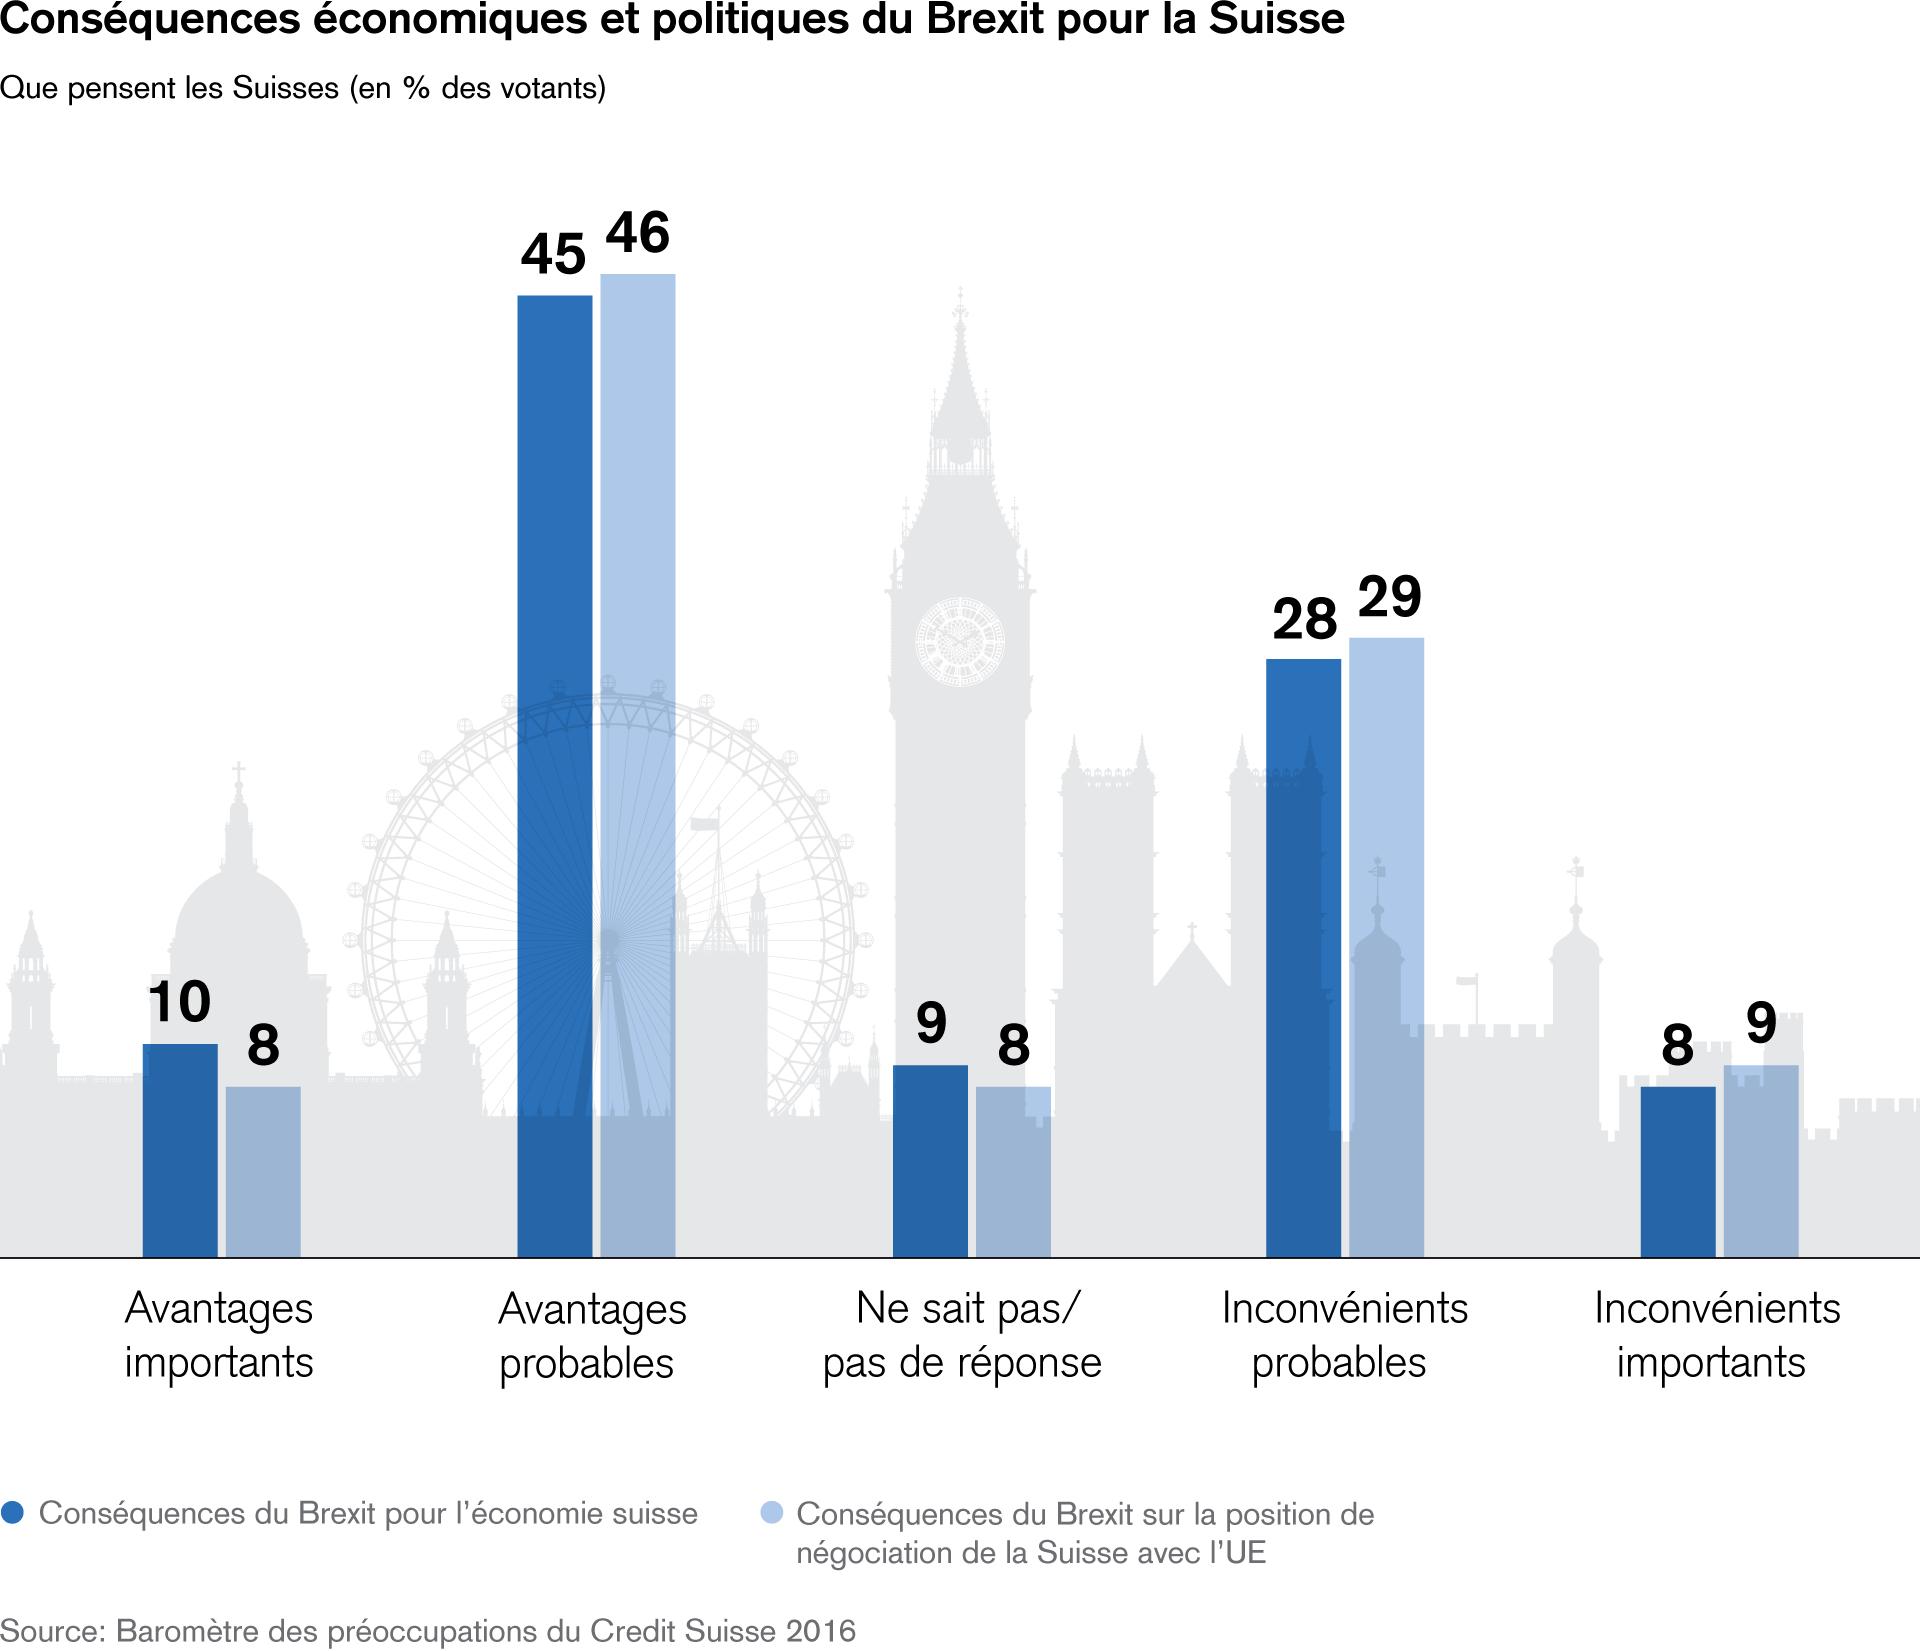 consequences-economiques-et-politiques-du-brexit-pour-la-suisse